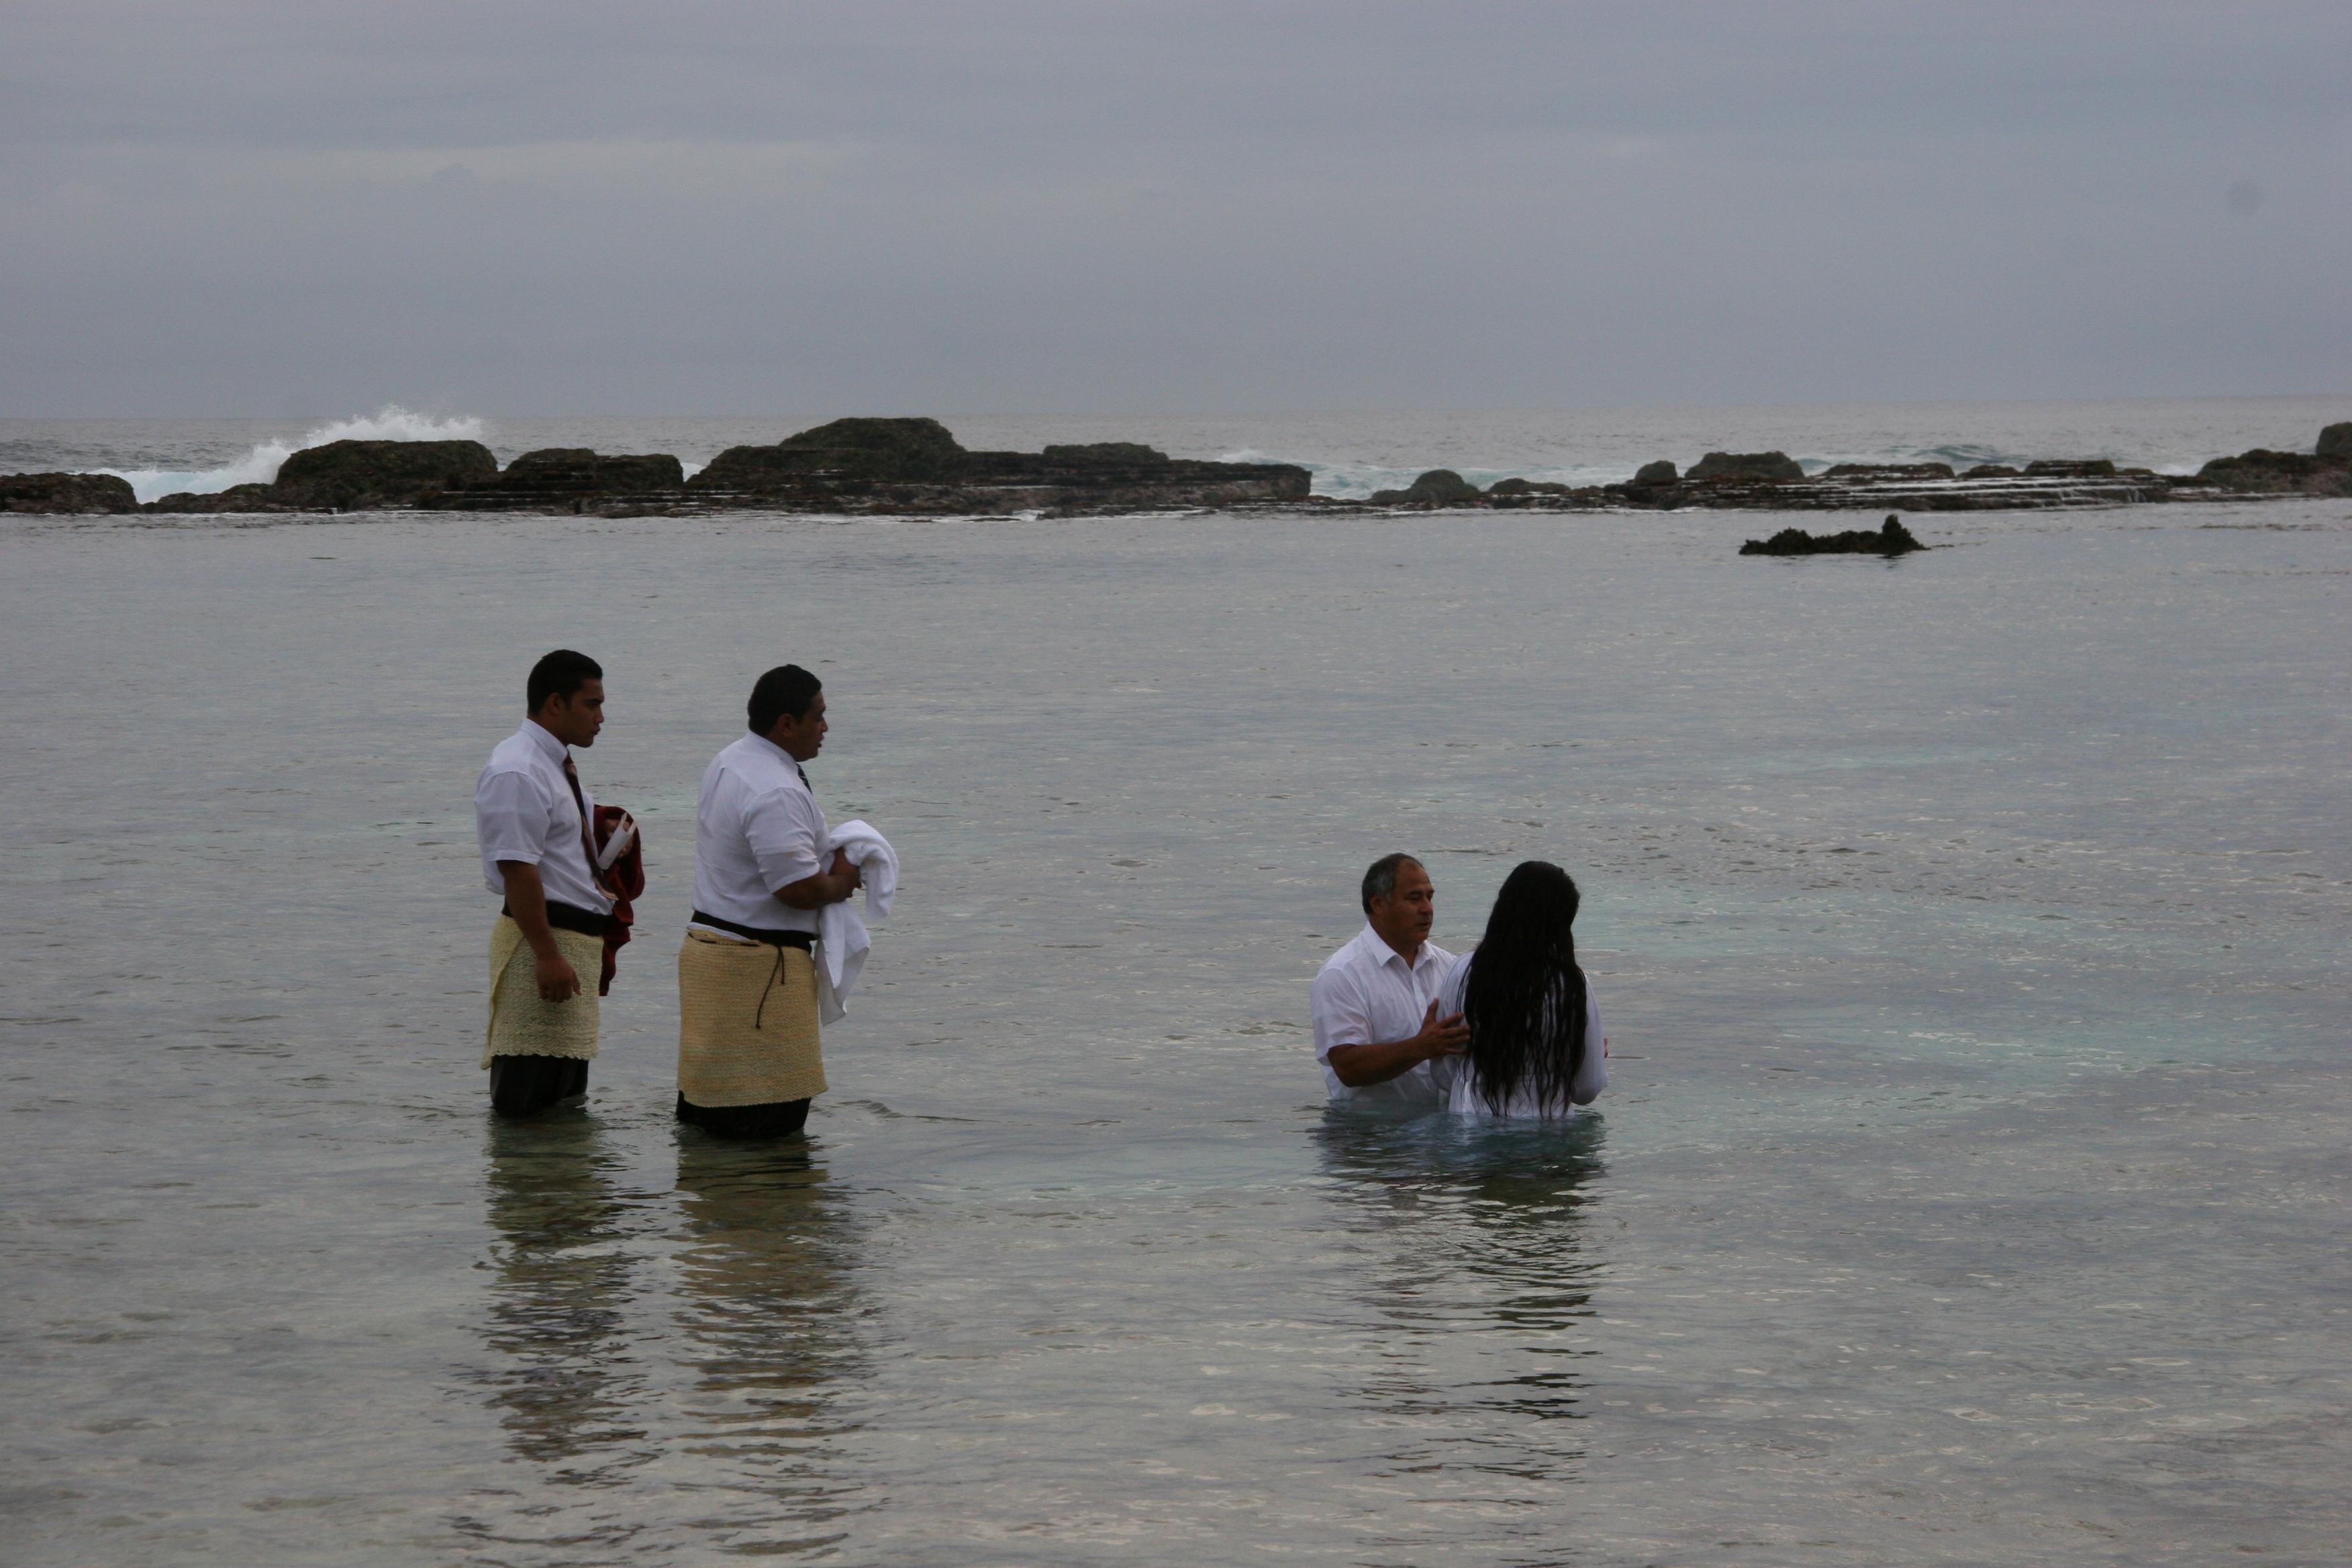 Members in Nuku'alofa Tonga prepare for a baptism in November 2007.